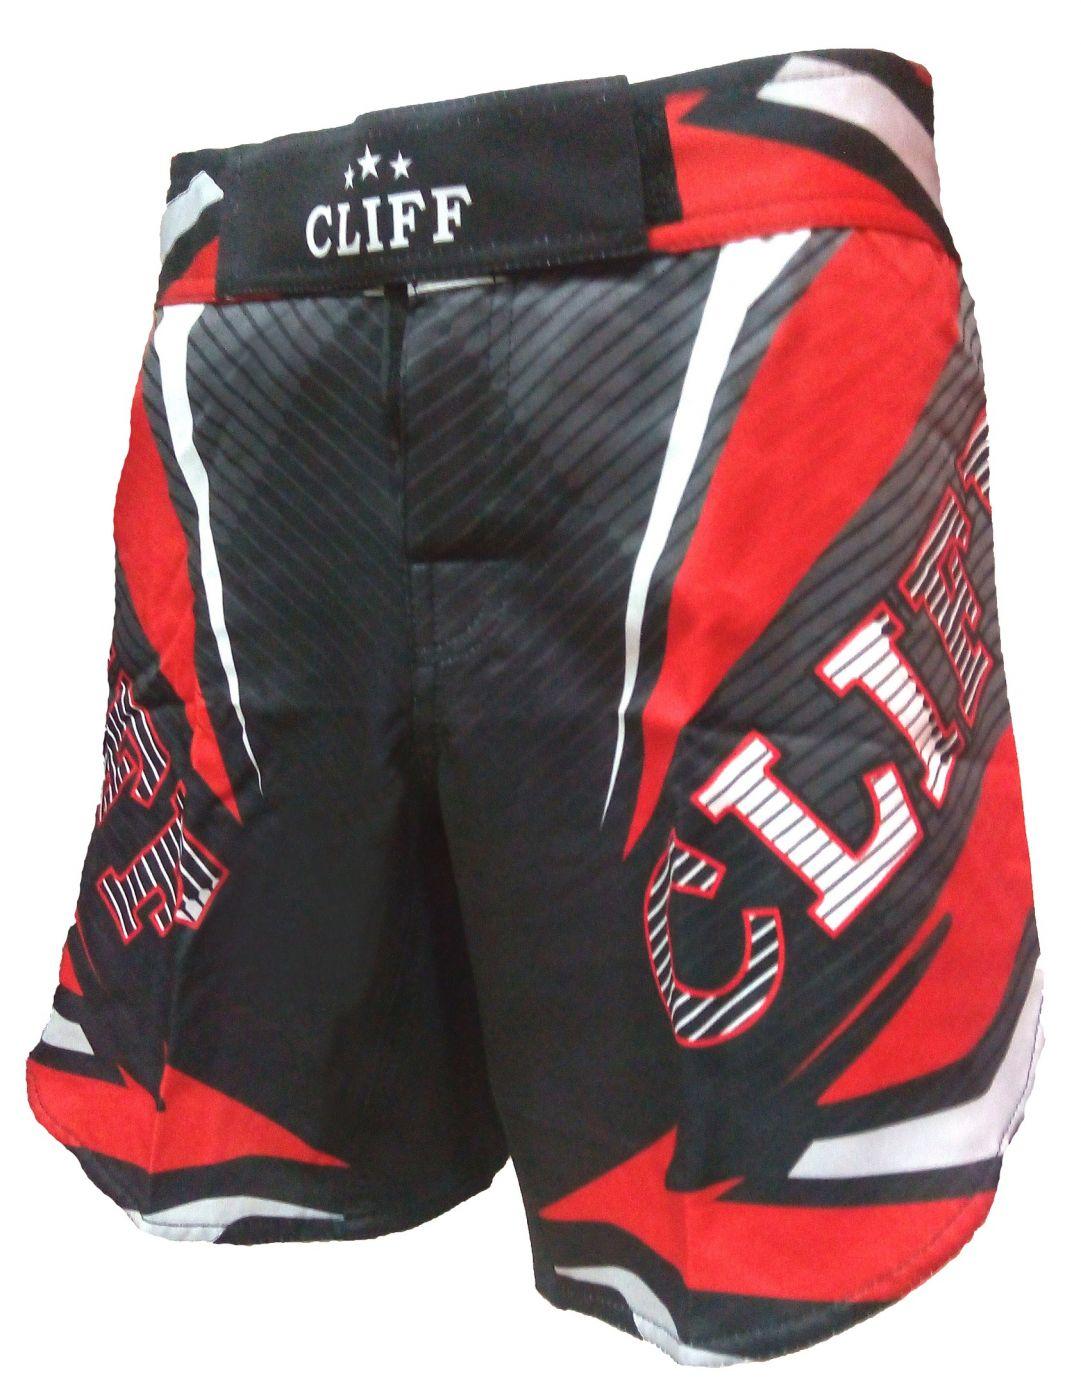 ШОРТЫ ММА CLIFF R3.0 RED FIGHTER, размер M